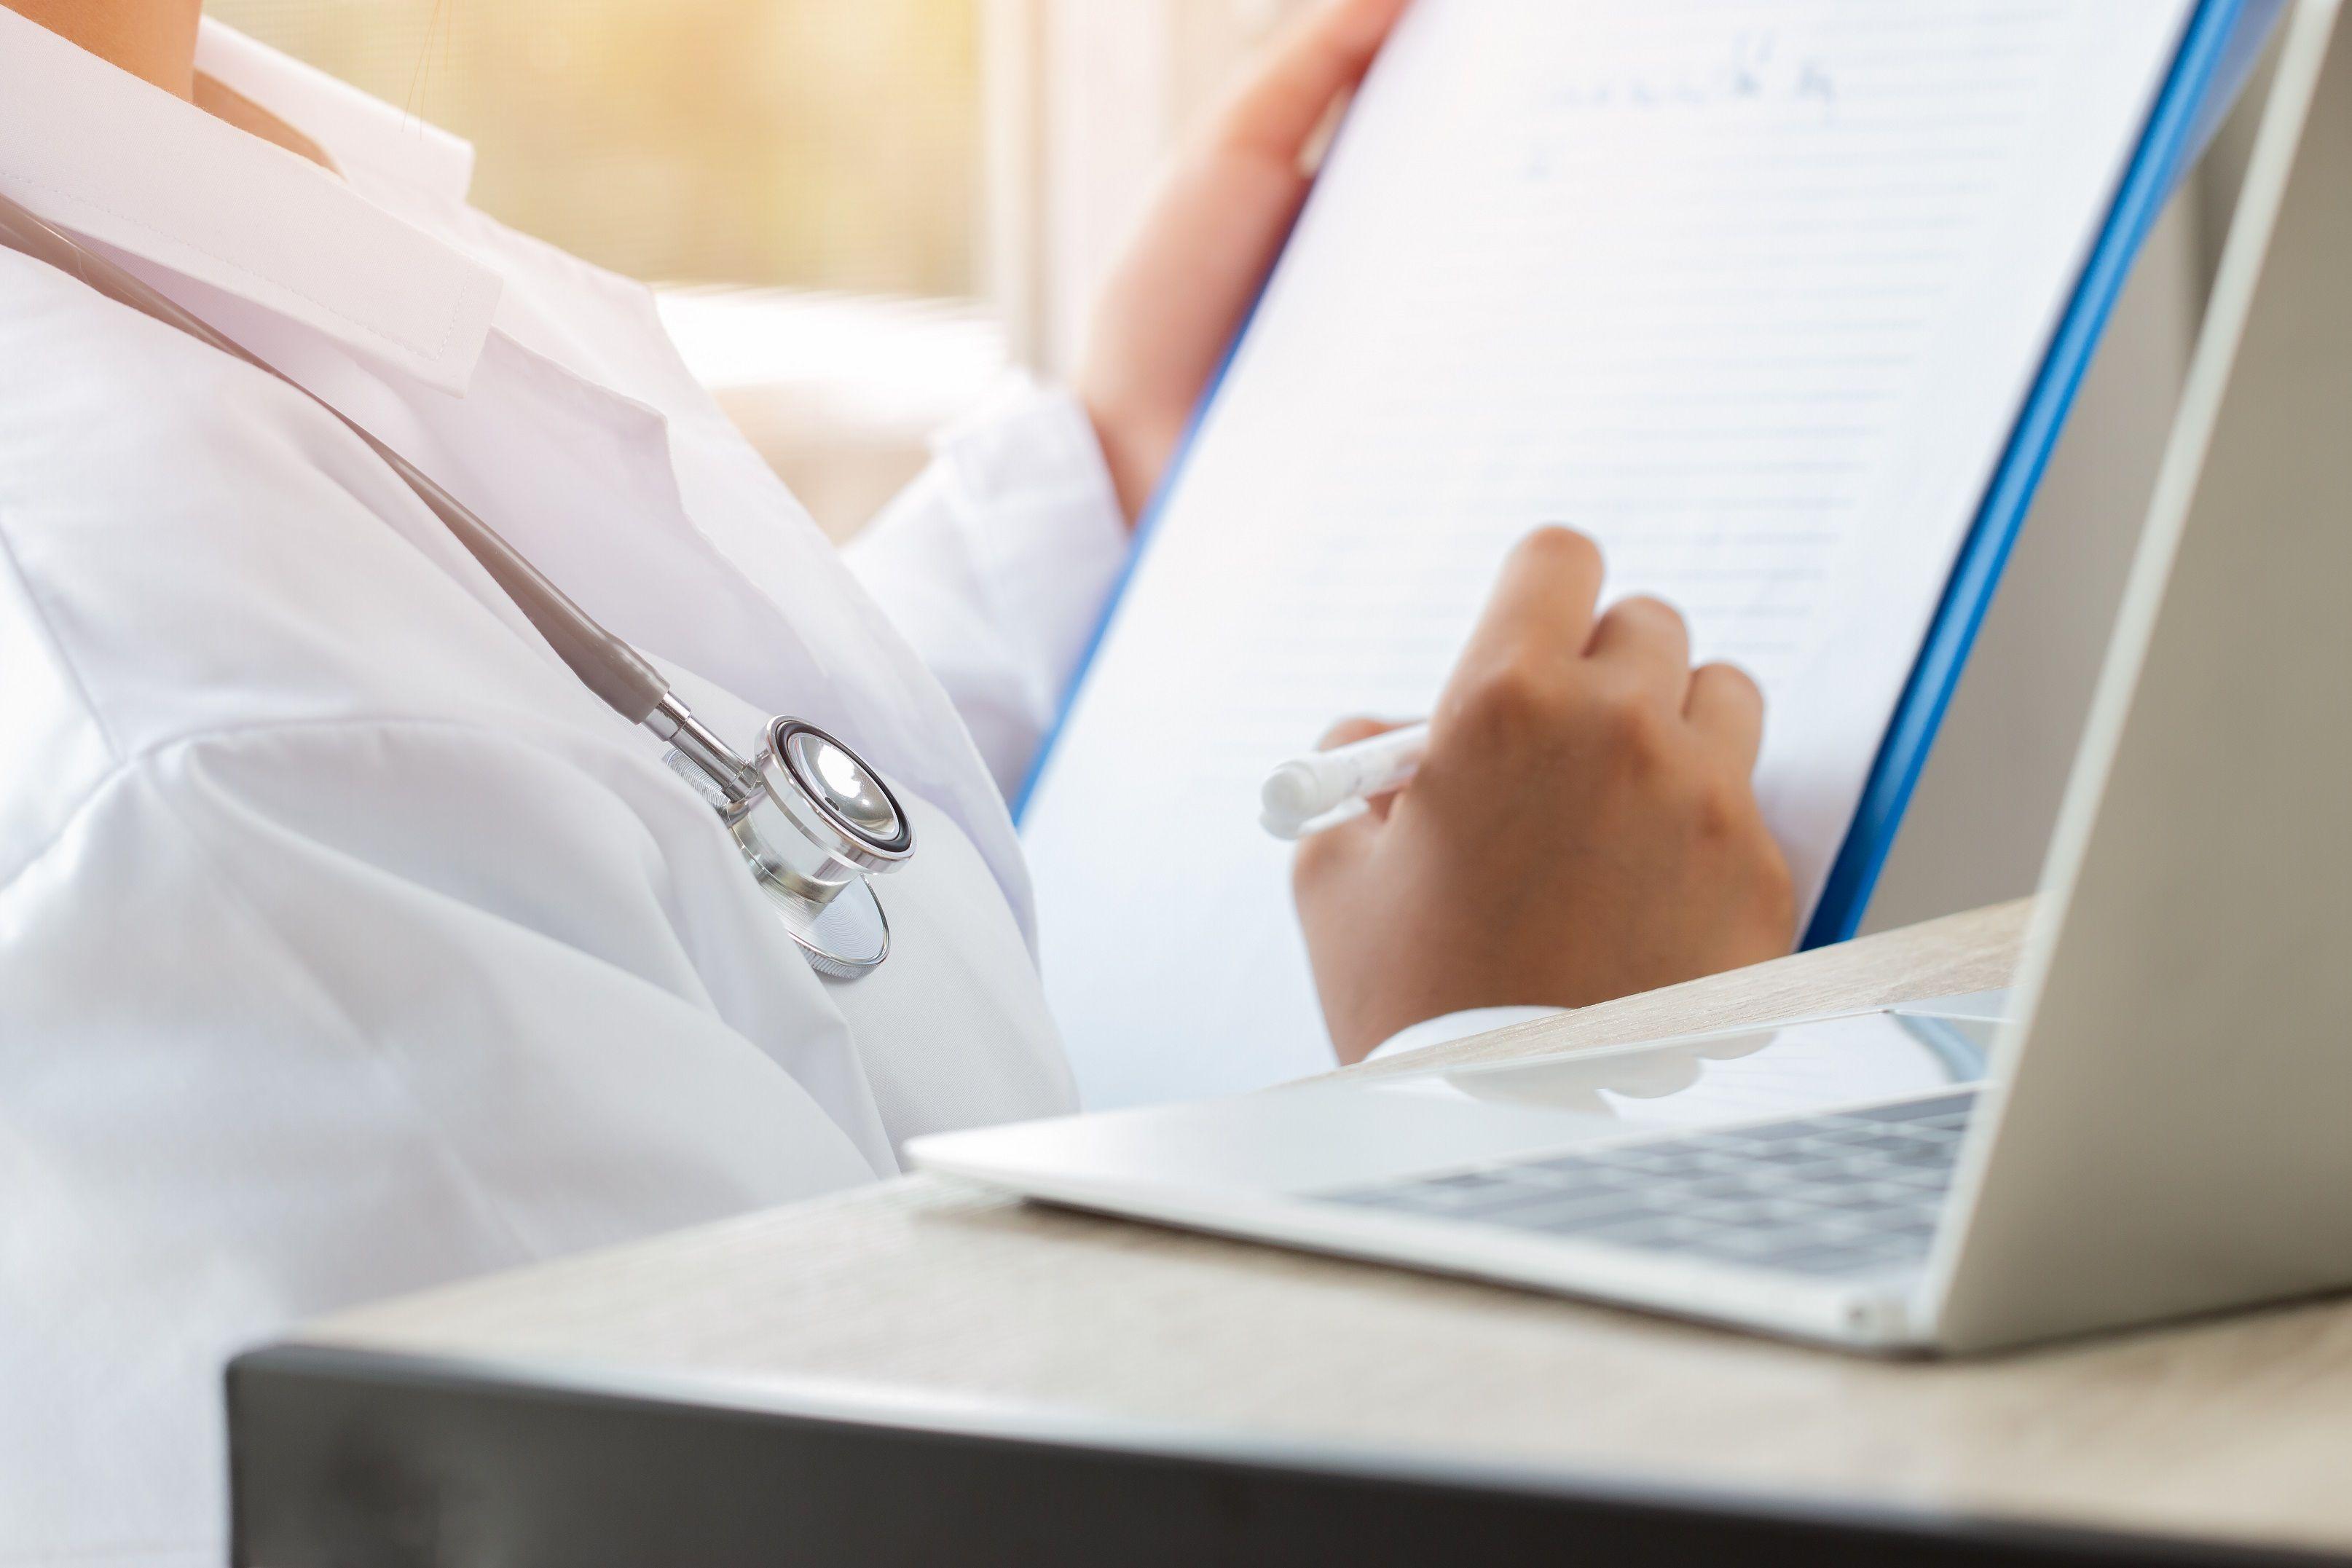 Unas 3 de cada 4 organizaciones del sector salud cree que transformarse digitalmente es necesario